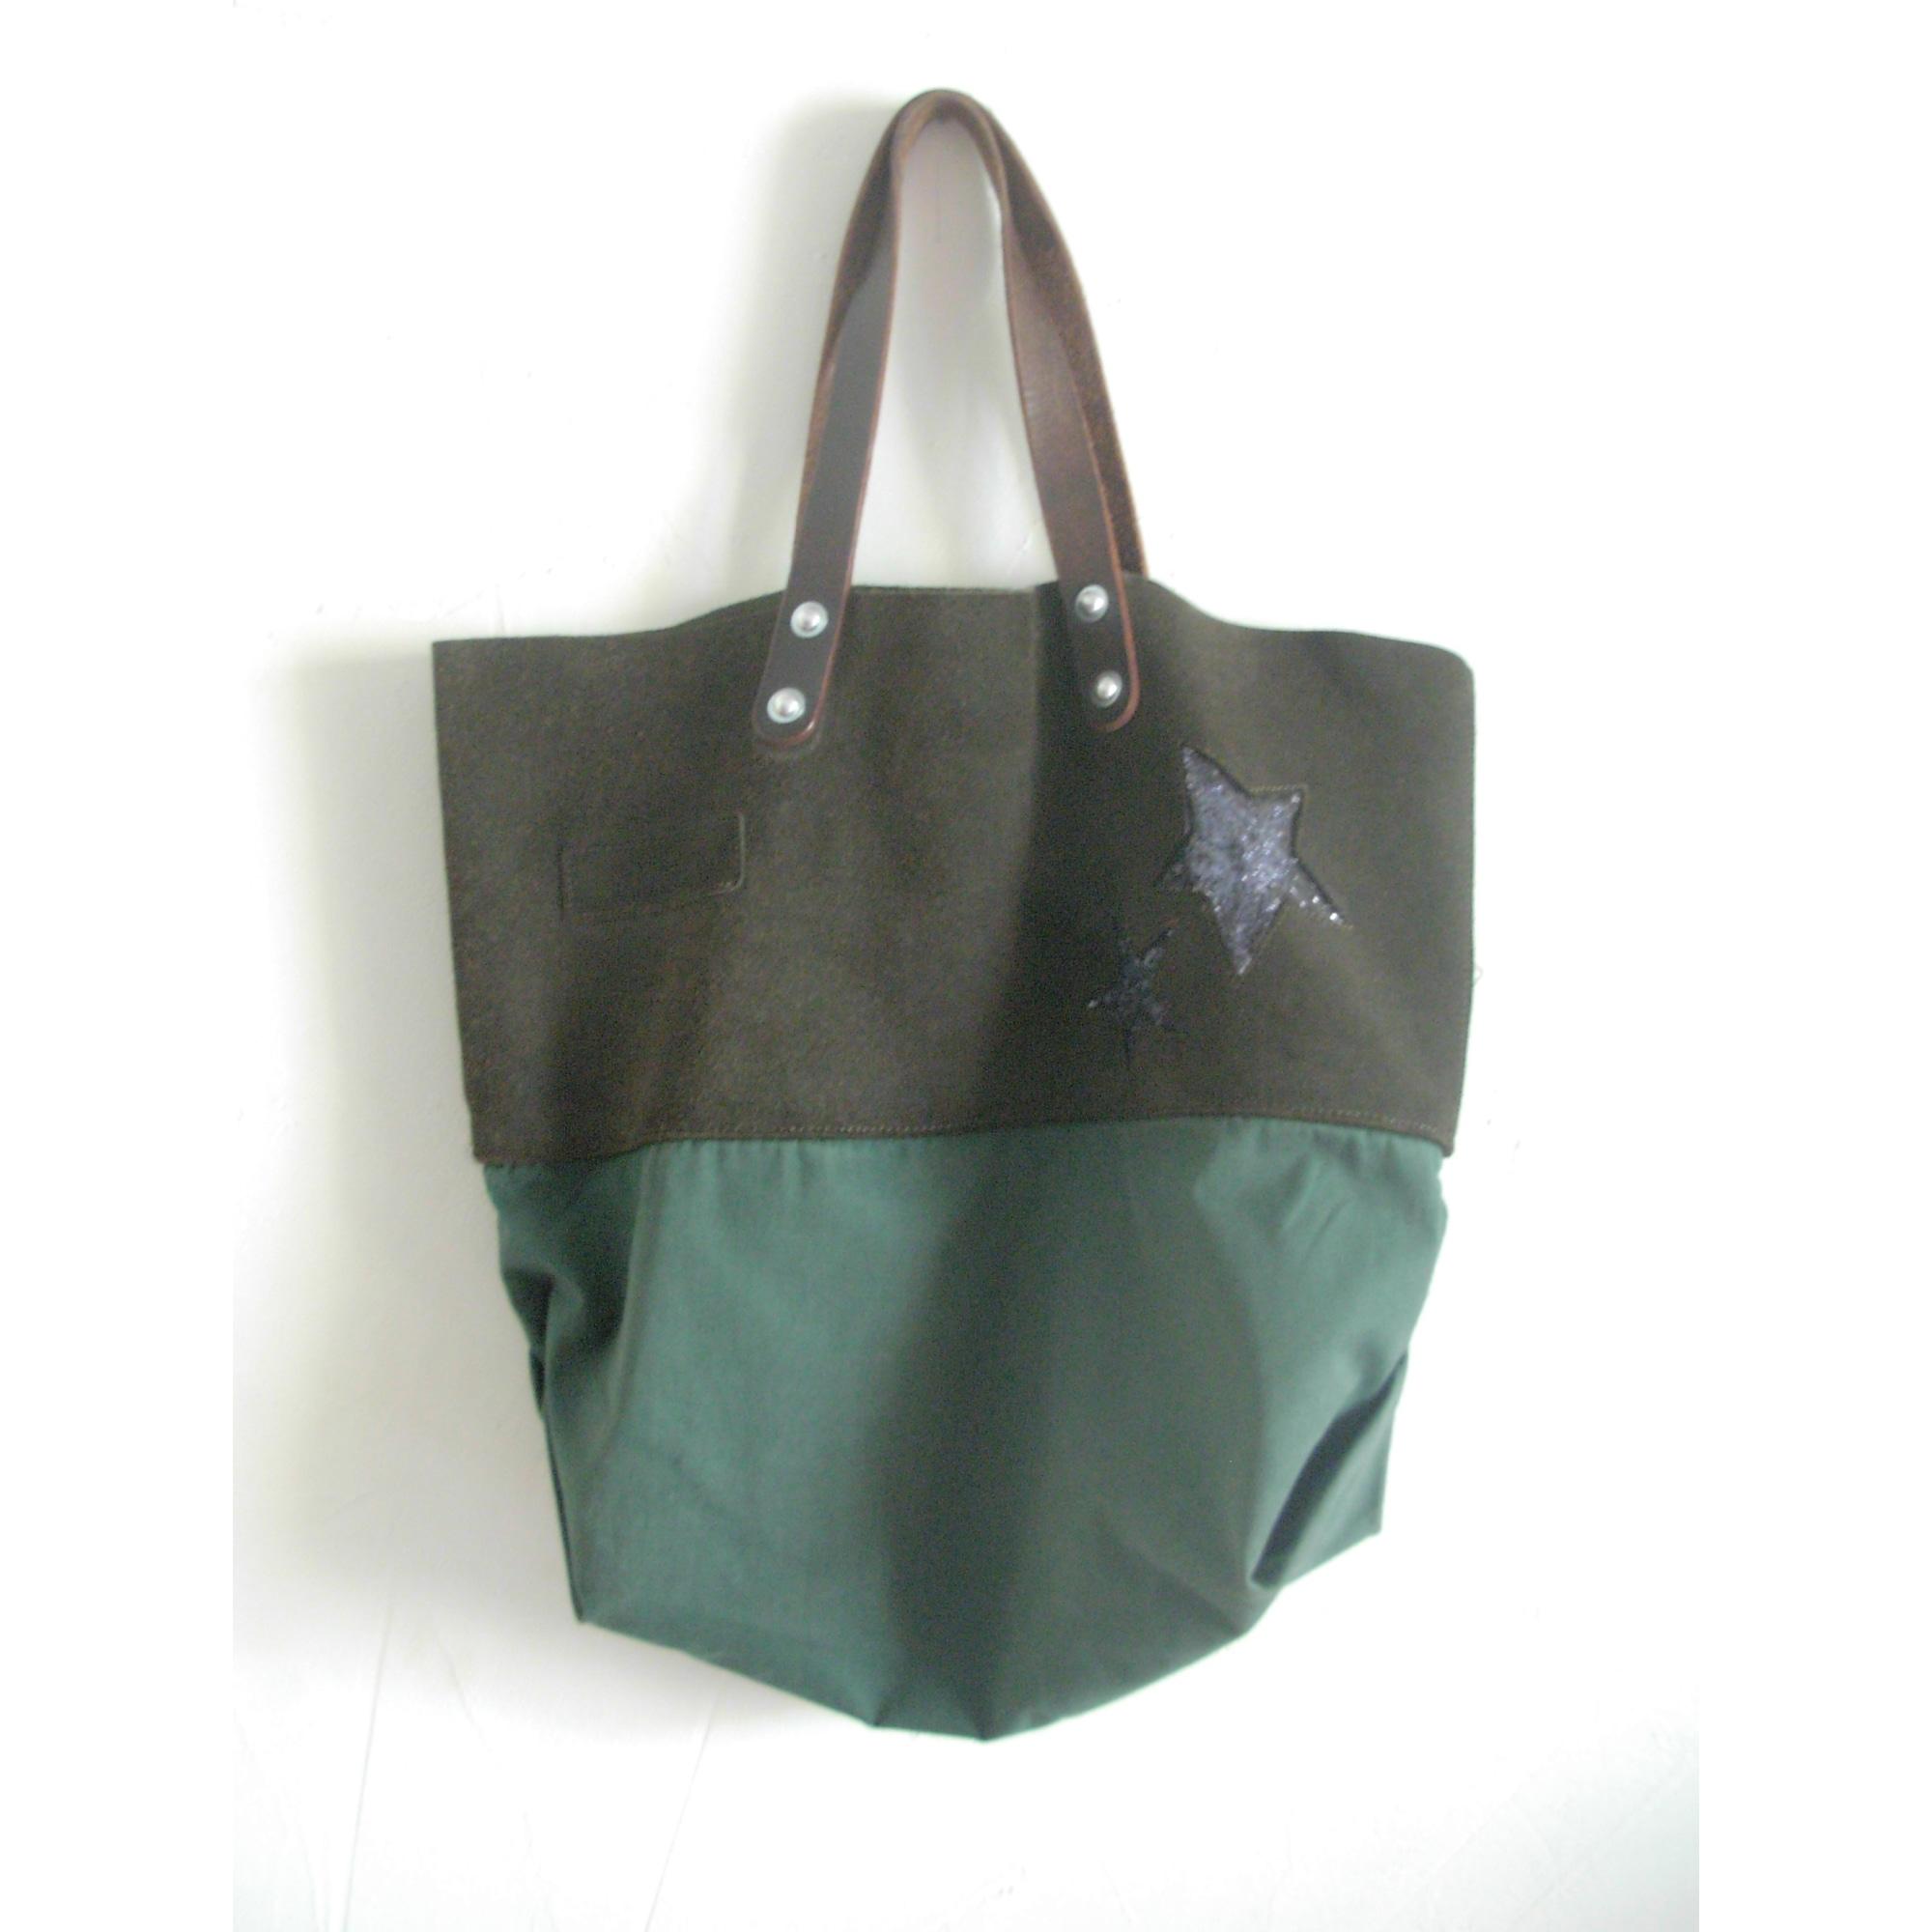 4dc60985d1 Sac à main en cuir ESTELLON vert vendu par Liliaime - 3951043